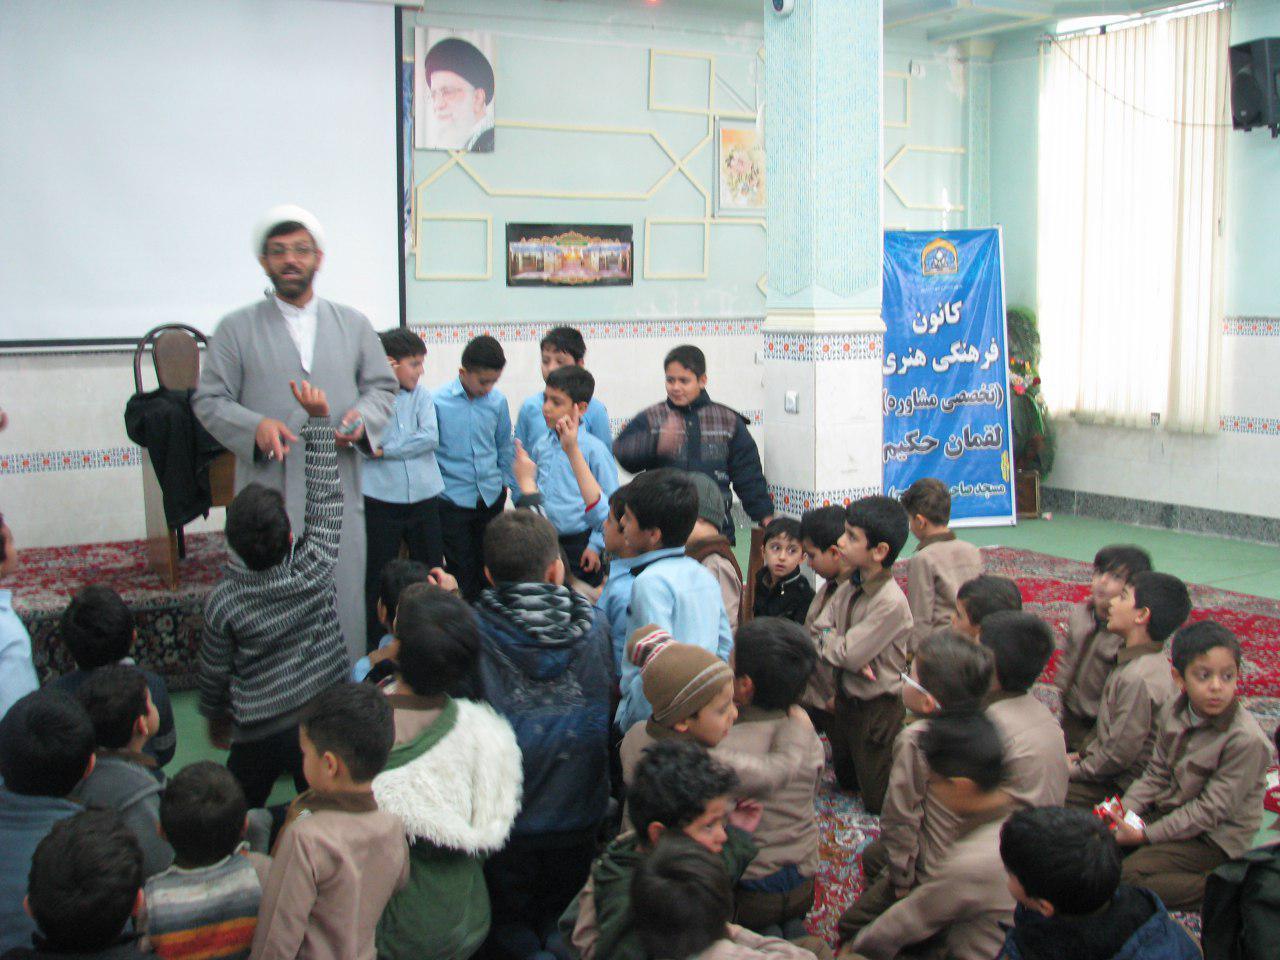 اجرای نماز جماعت و برنامه فرهنگی برای دانش آموزان آموزشگاه فرهیختگان – سه شنبه هر هفته